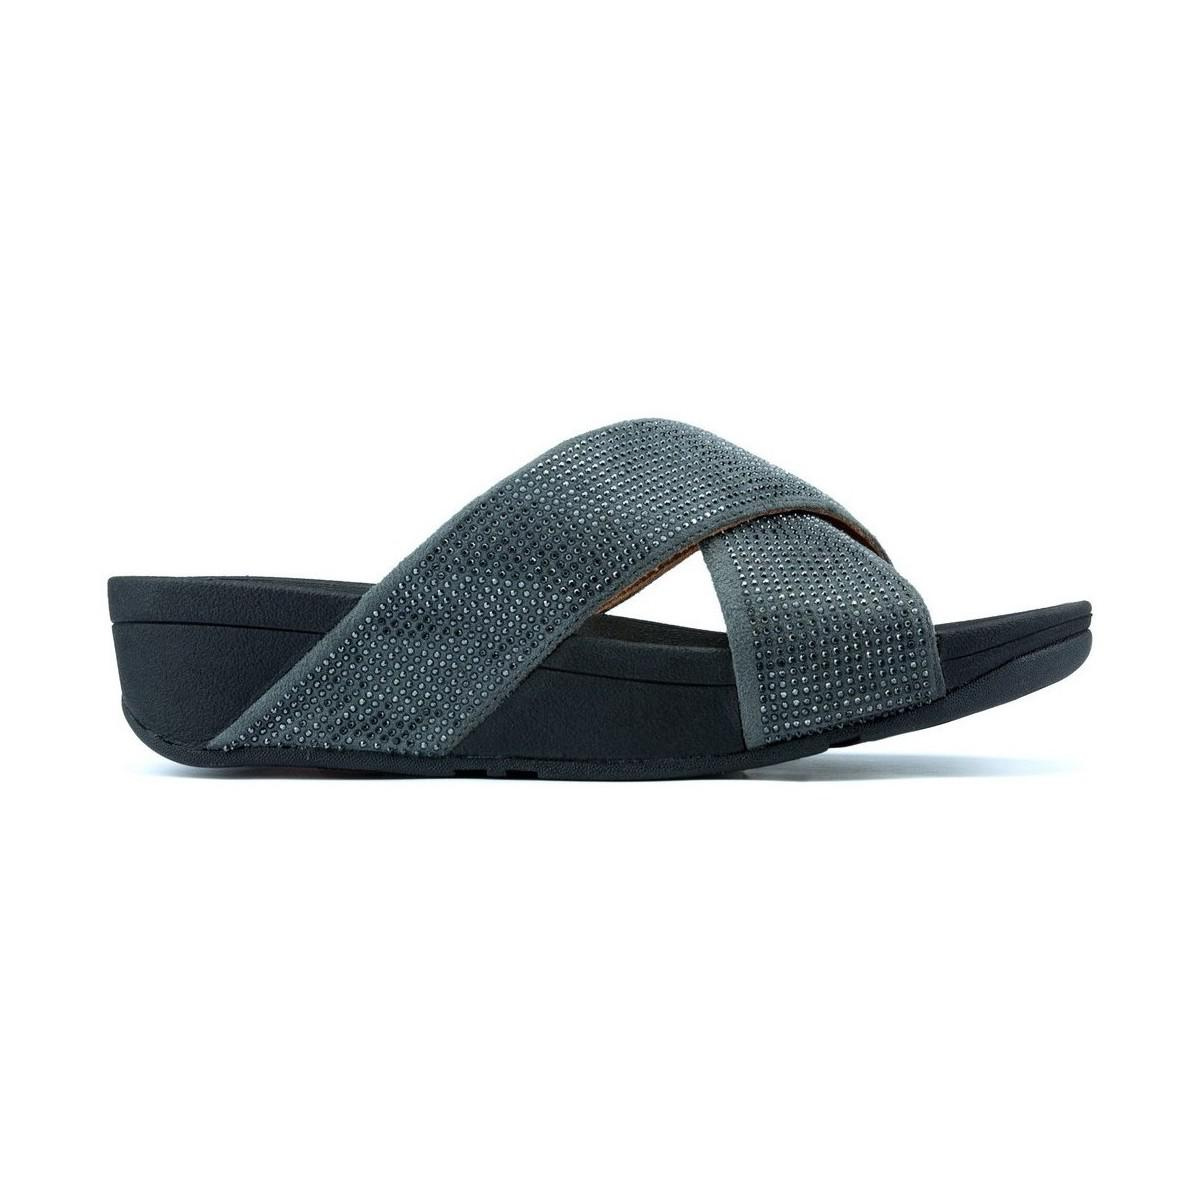 749f4258a7d4 Fitflop S Ritzy Slide W Women s Sandals In Black in Black - Lyst